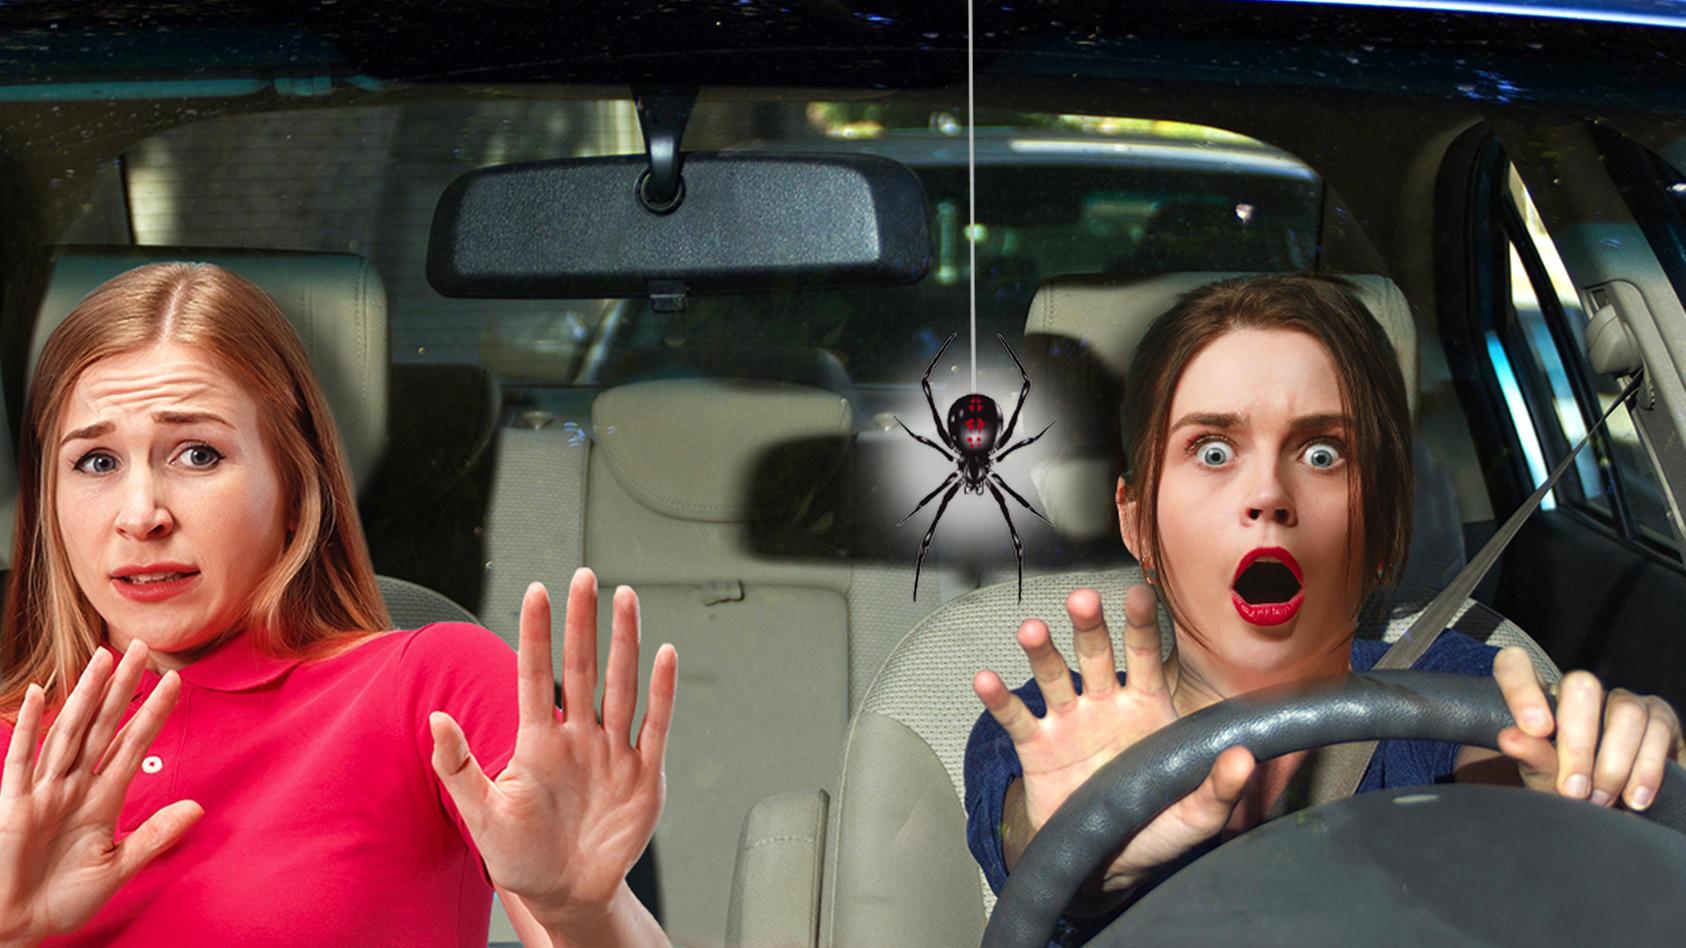 Schon eine kleine Spinne im Auto genügt, um Panik auszulösen.